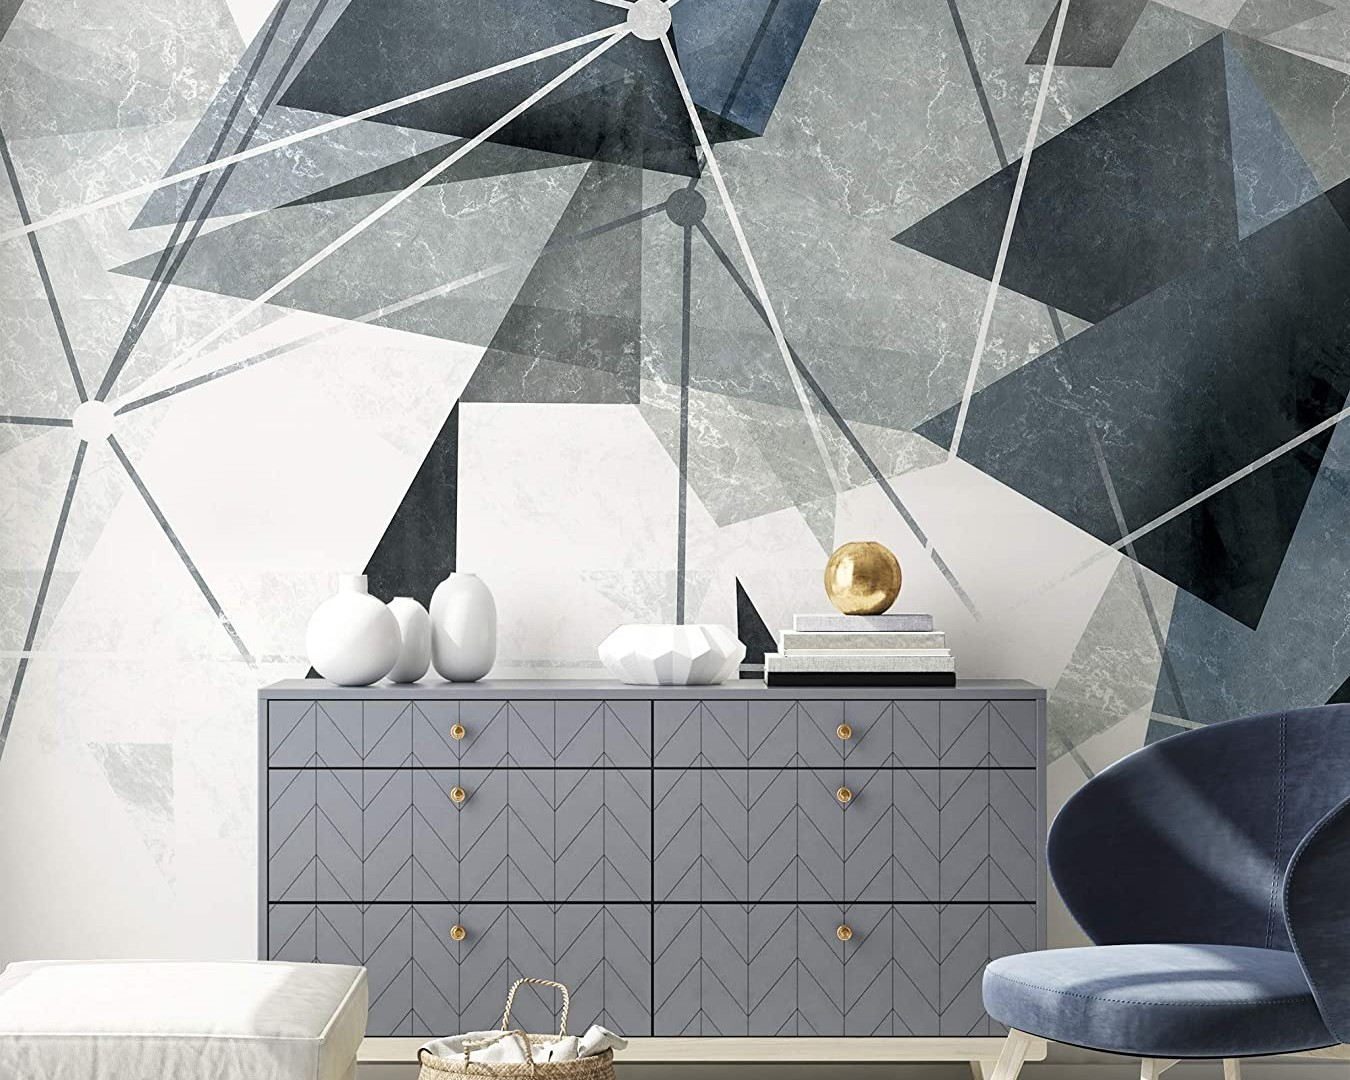 Sử dụng hoạ tiết hình học trong trang trí nhà ở